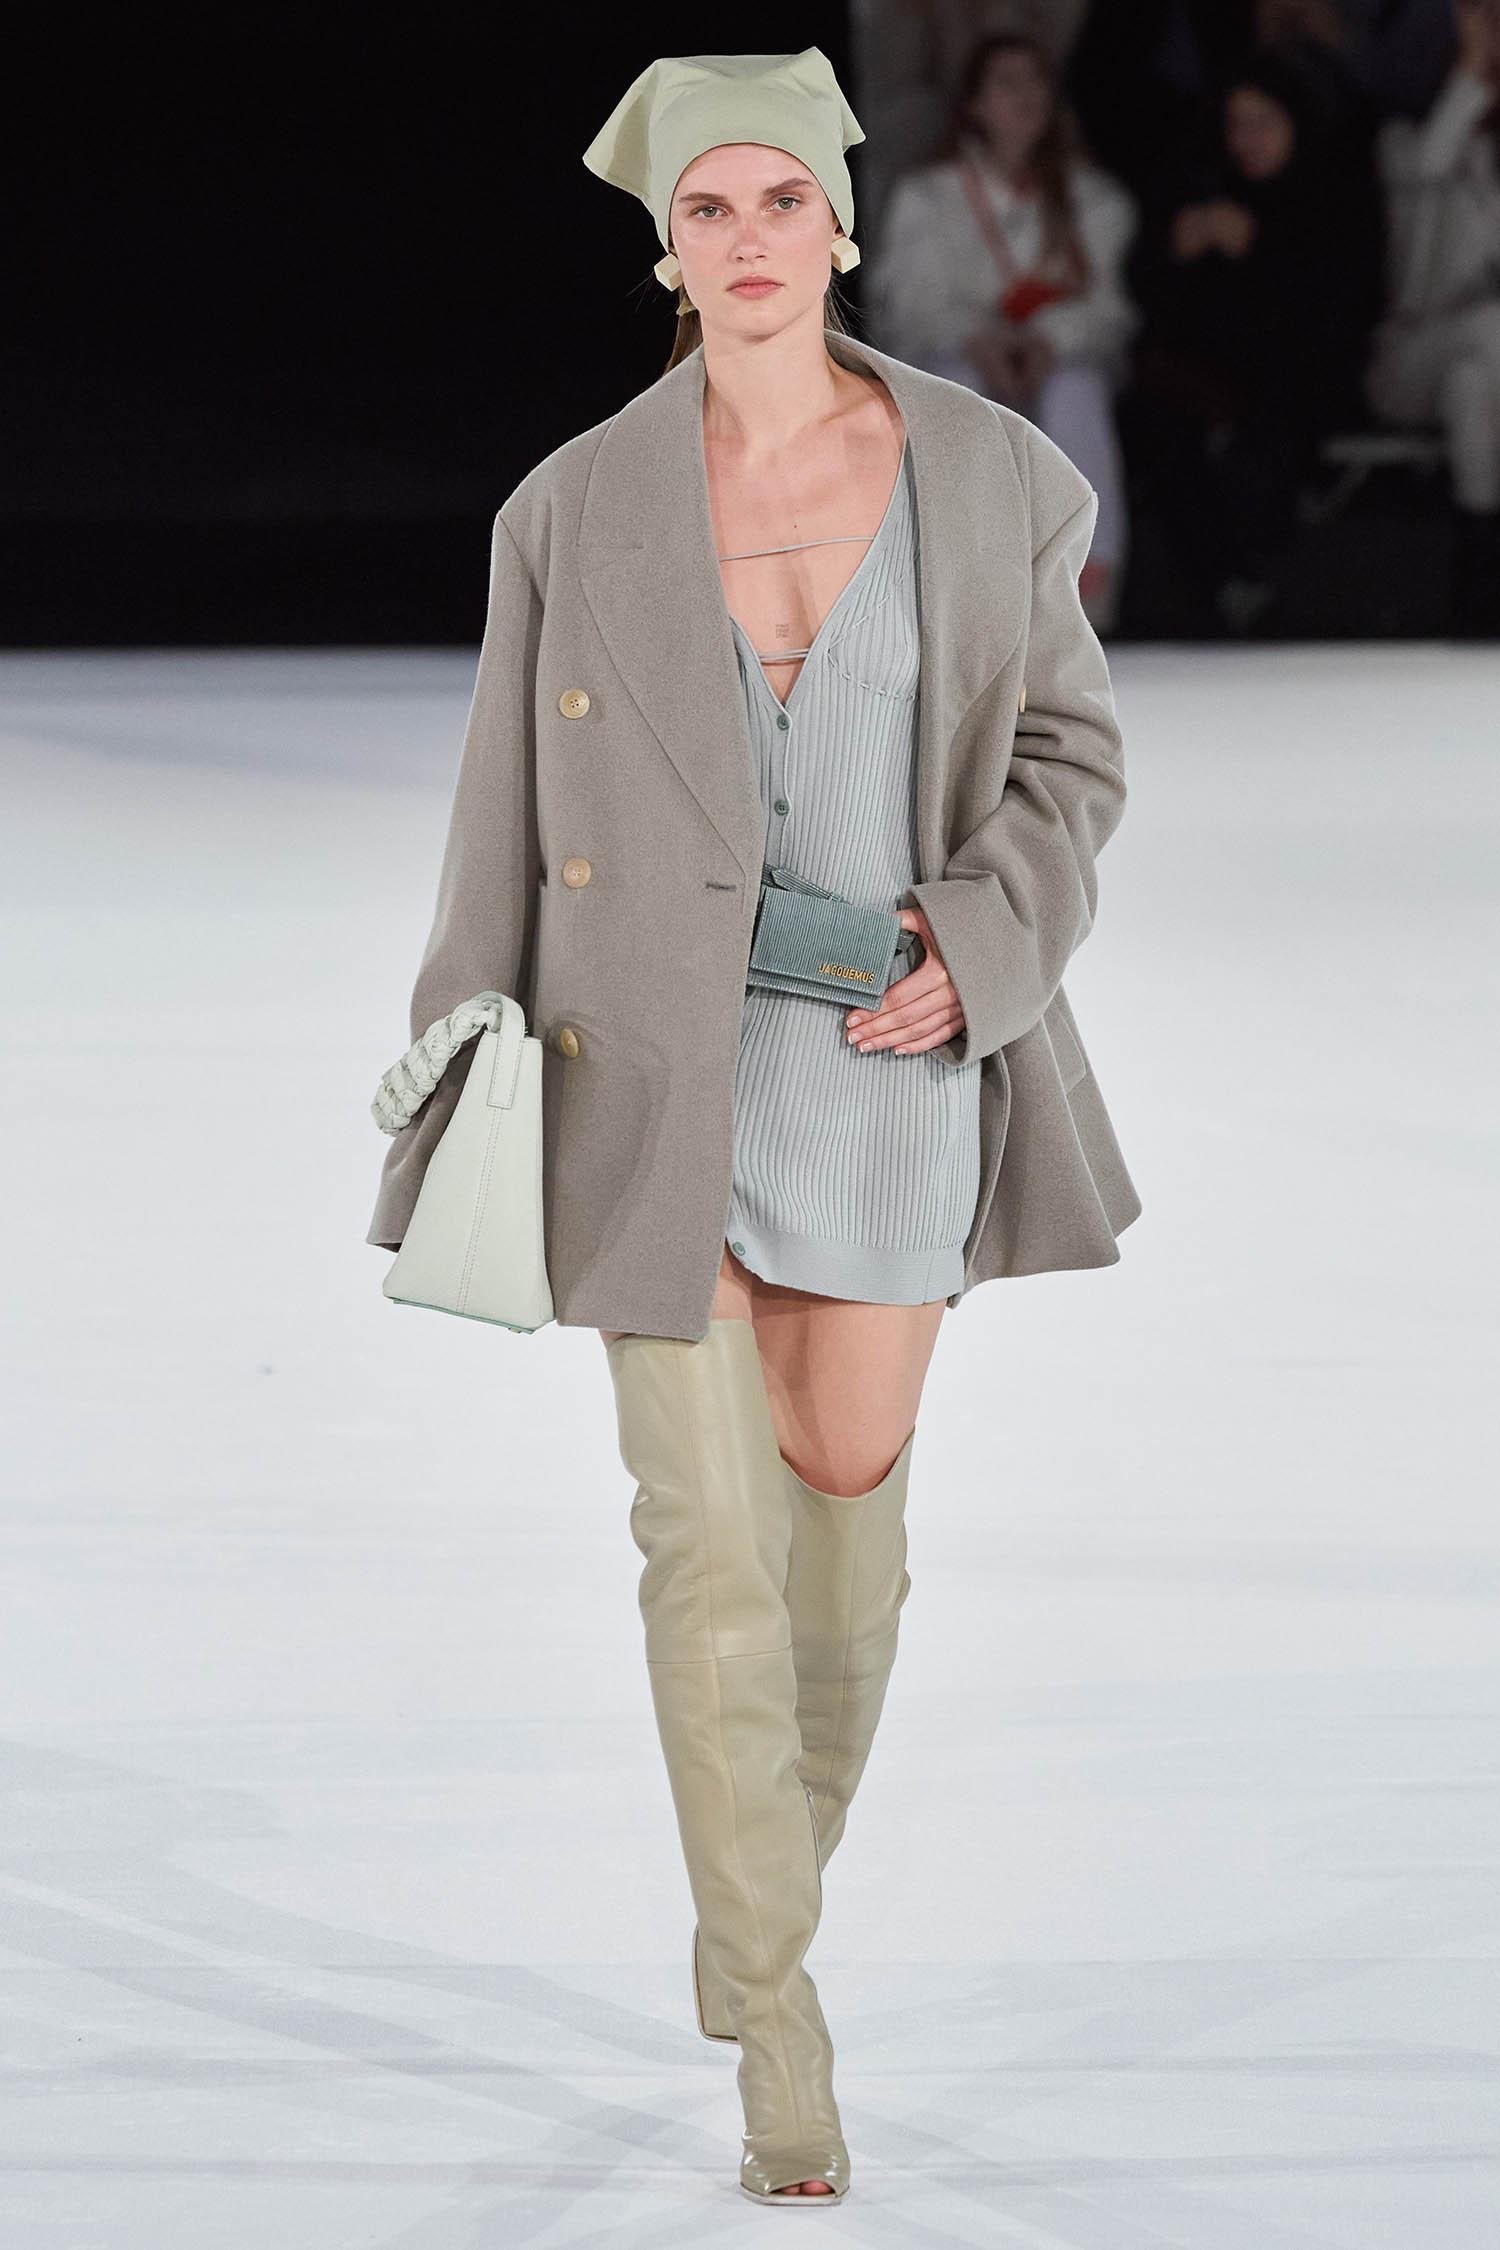 Áo Blazer kiểu truyền thống cùng giày boots trên sàn diễn Thu Đông 2020 của Jacquemus